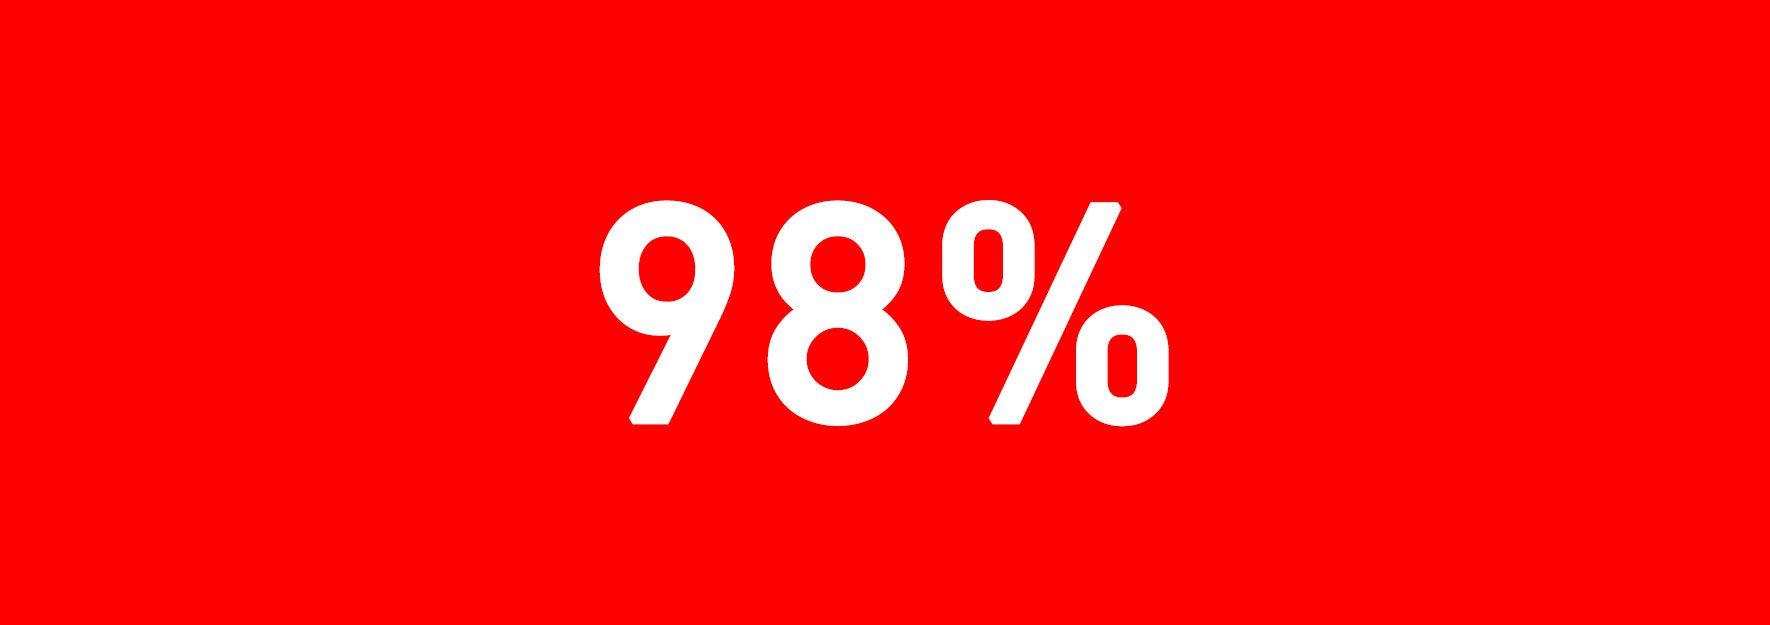 bandeau-98%